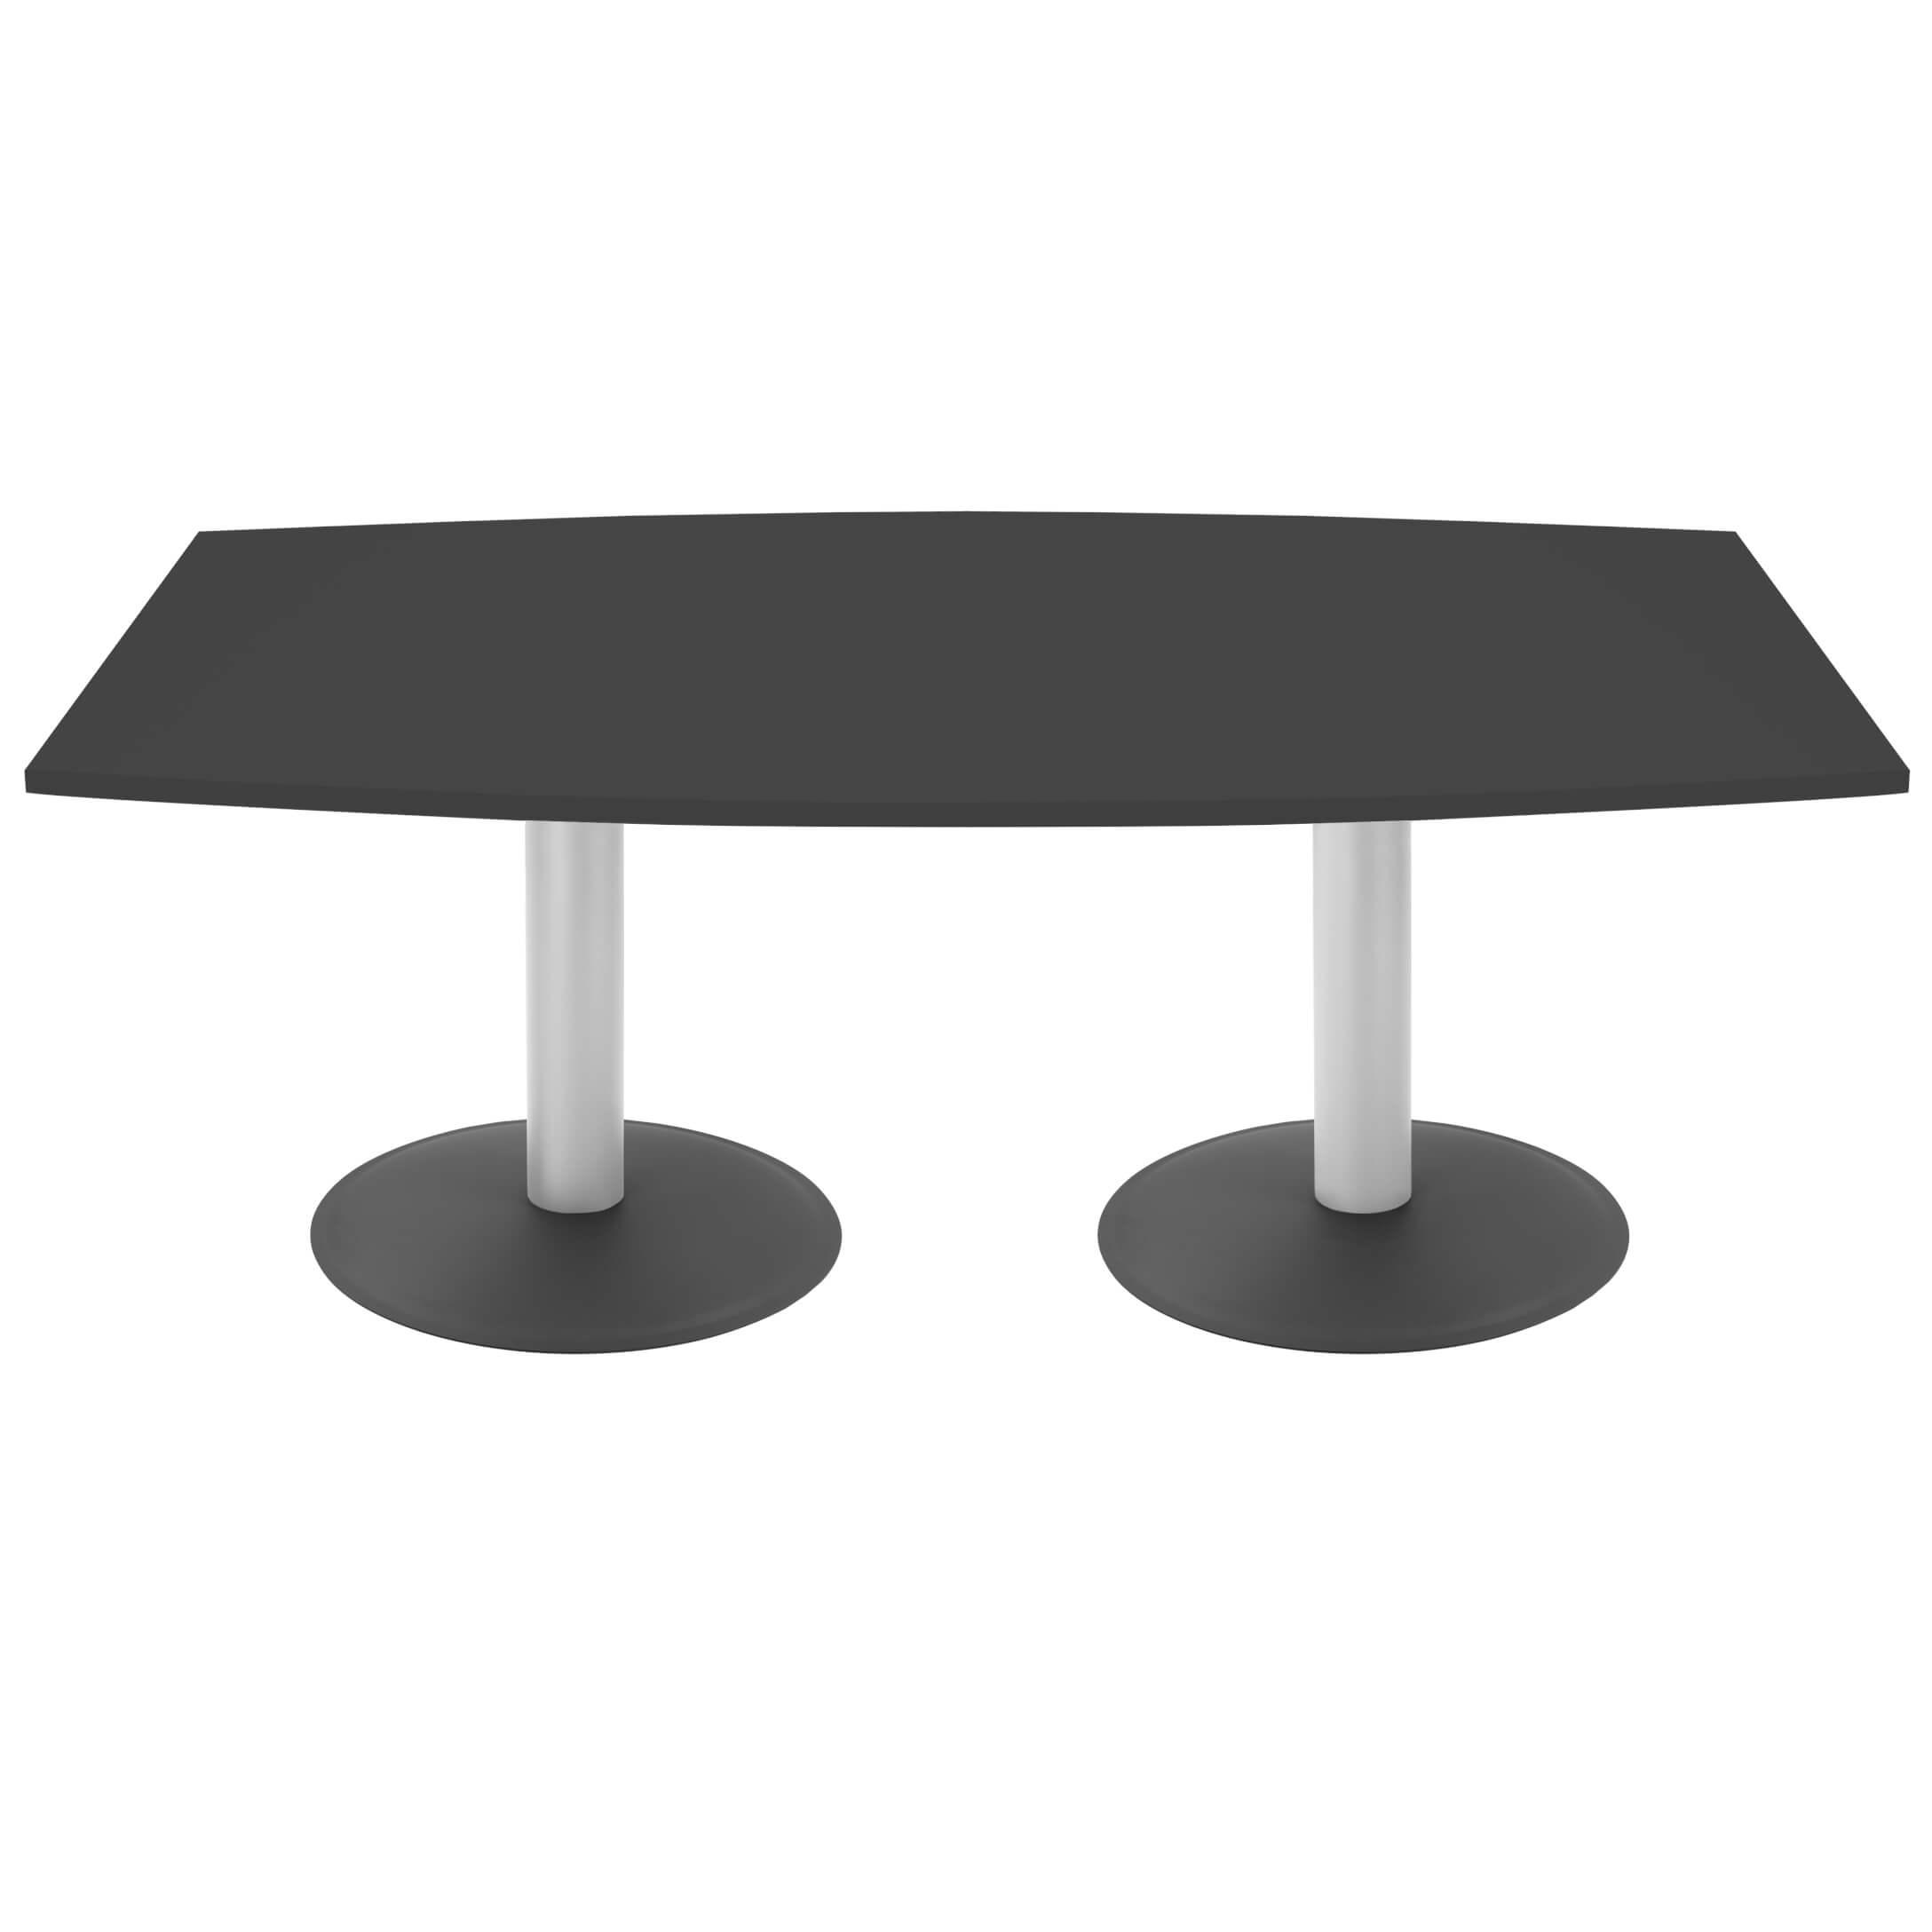 OPTIMA Konferenztisch Bootsform 180x100 cm Besprechungstisch Anthrazit Tisch Esstisch Küchentisch